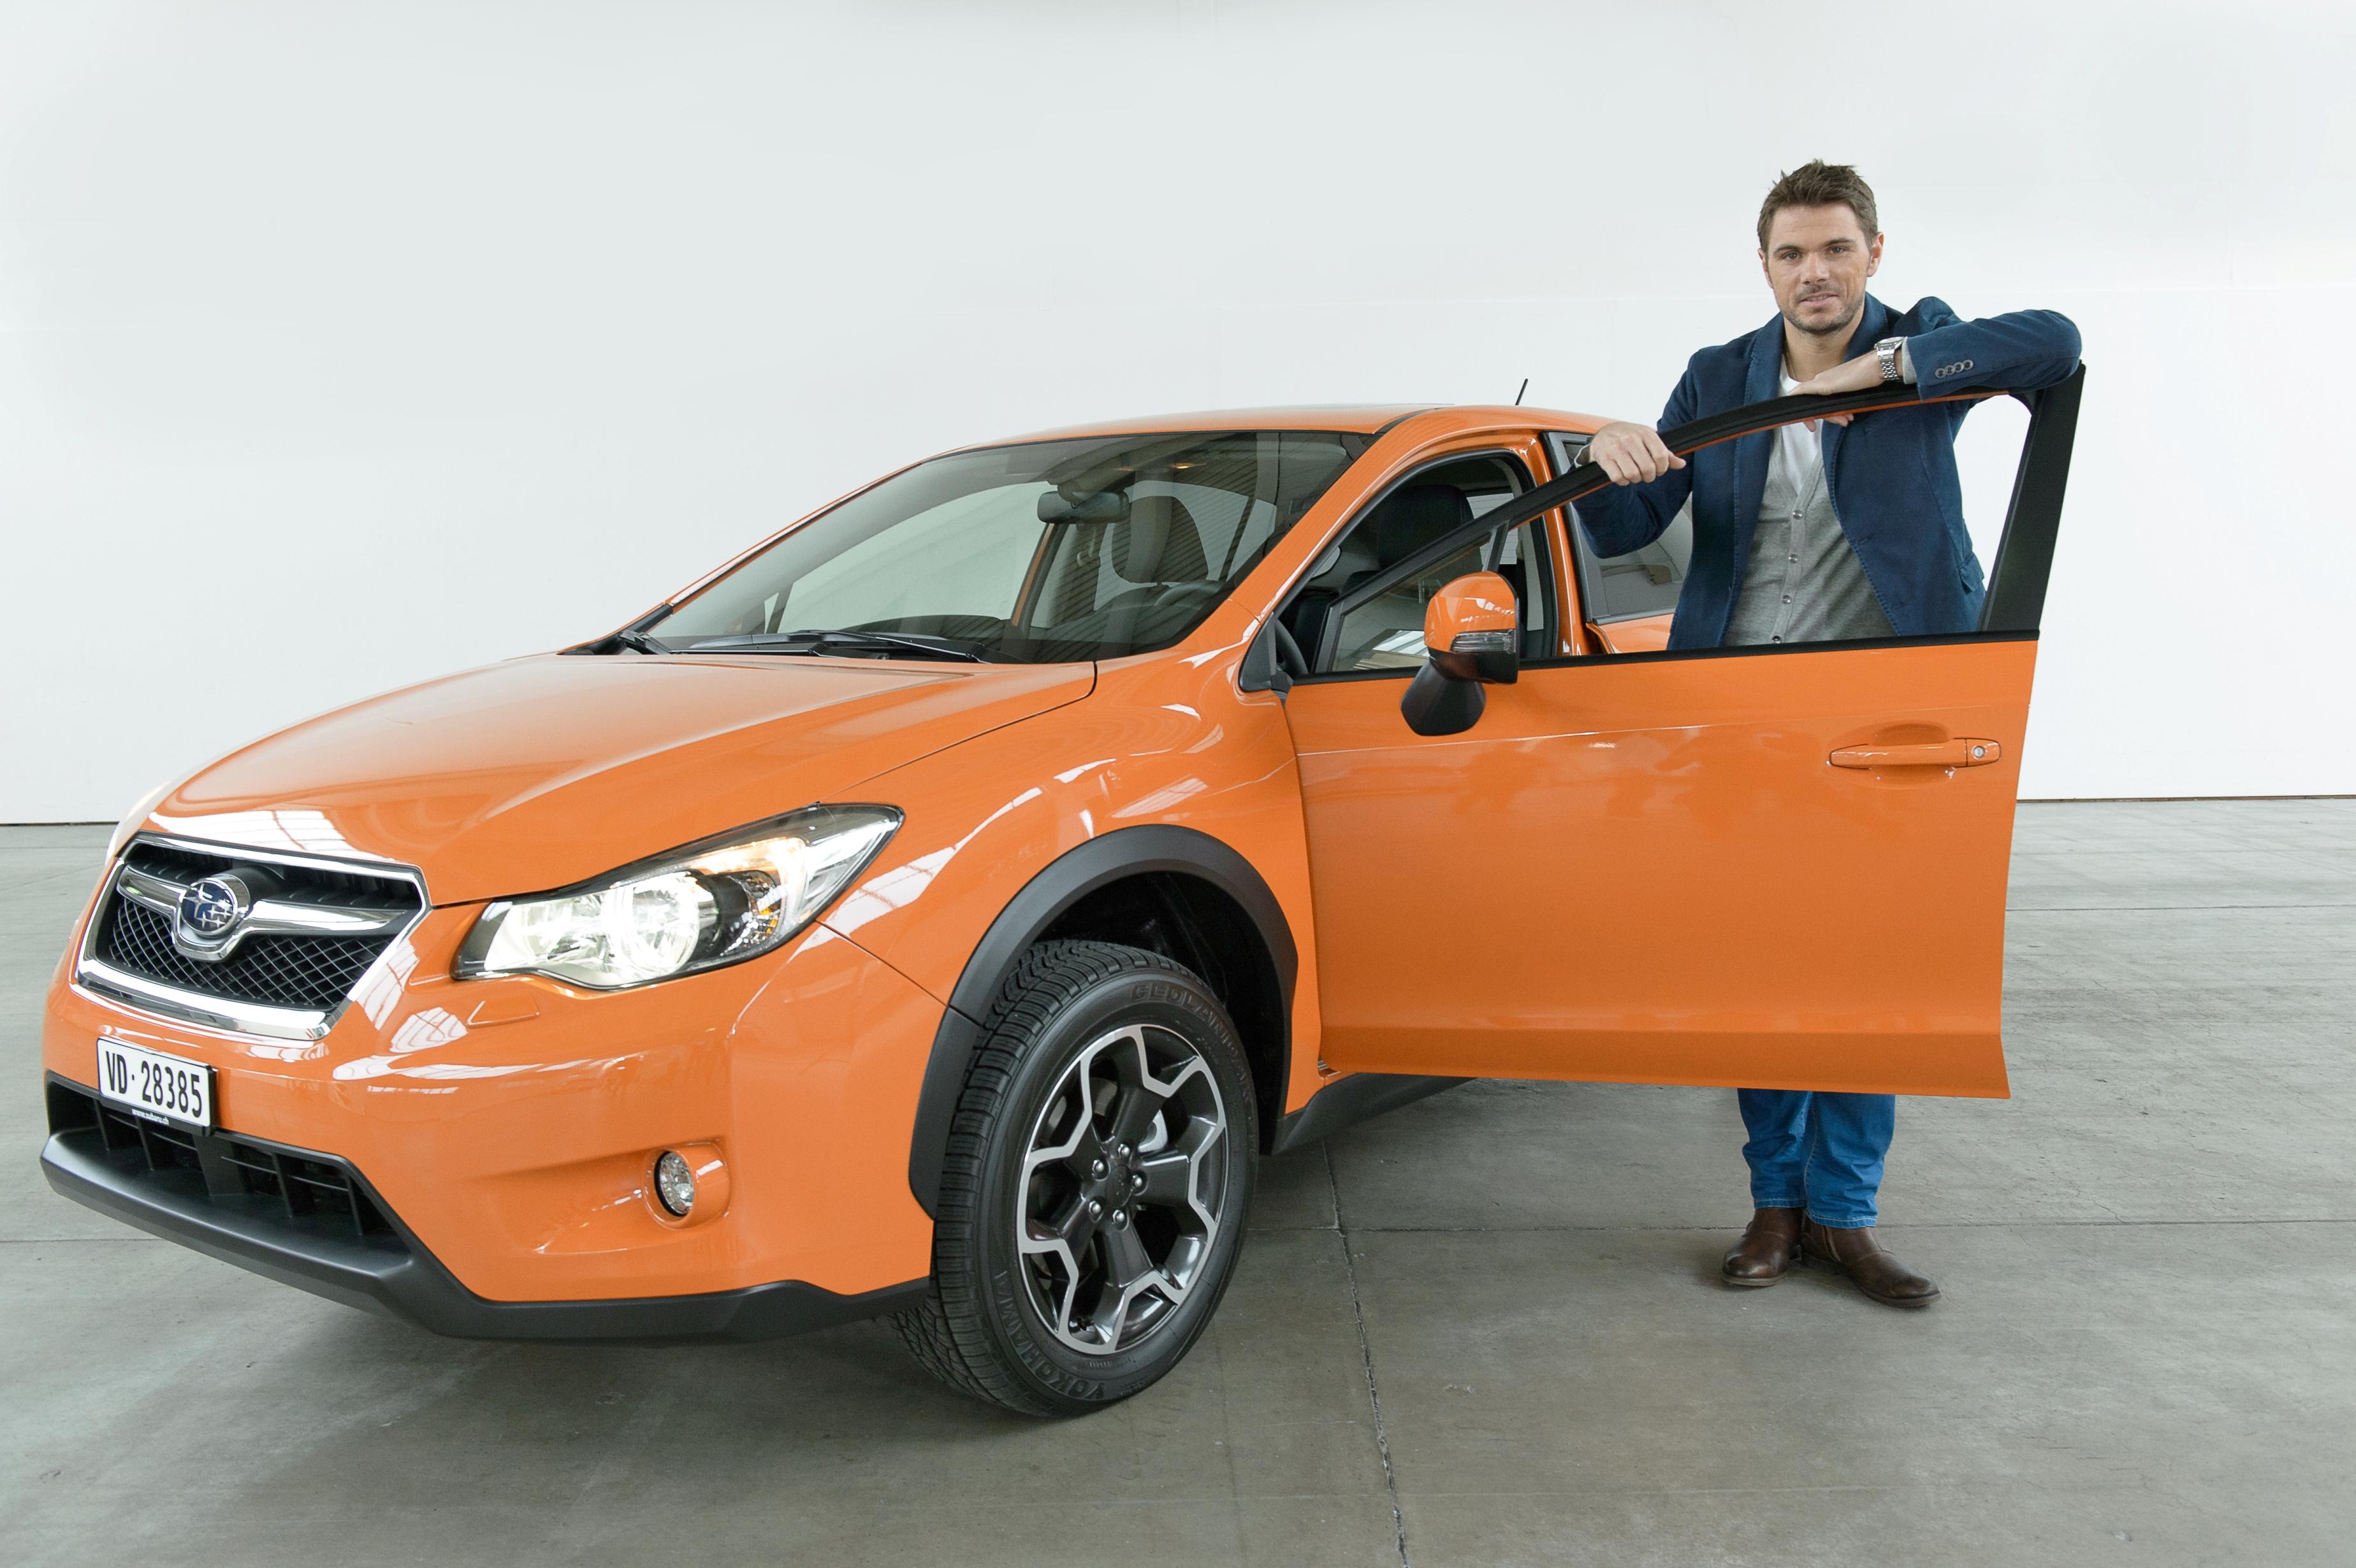 Stan Wawrinka et le pionnier de la traction intégrale Subaru ont conclu un partenariat